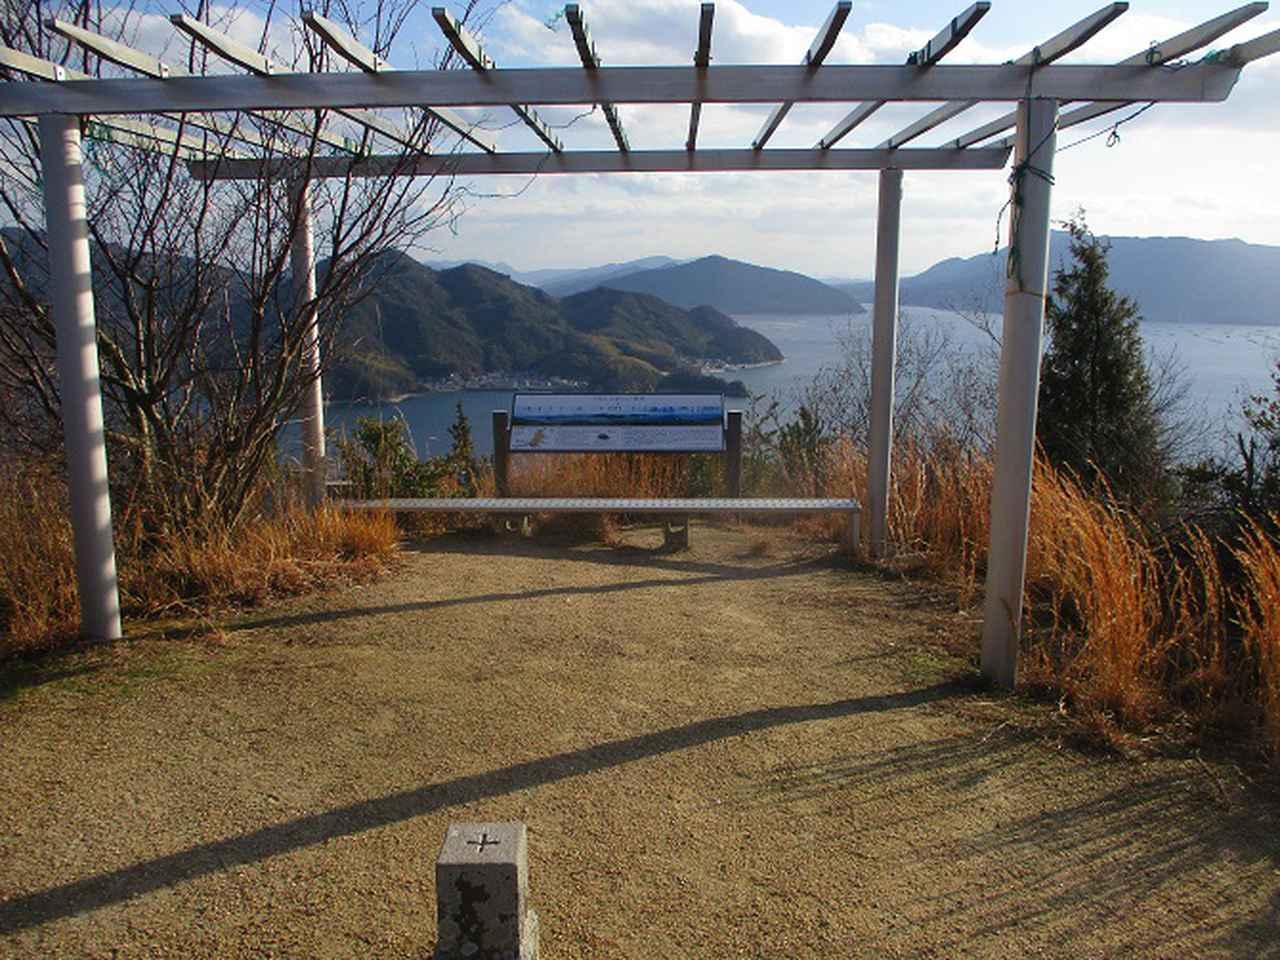 画像10: 来年冬の企画素材を探して、わが故郷・広島県の山を歩いてみました!